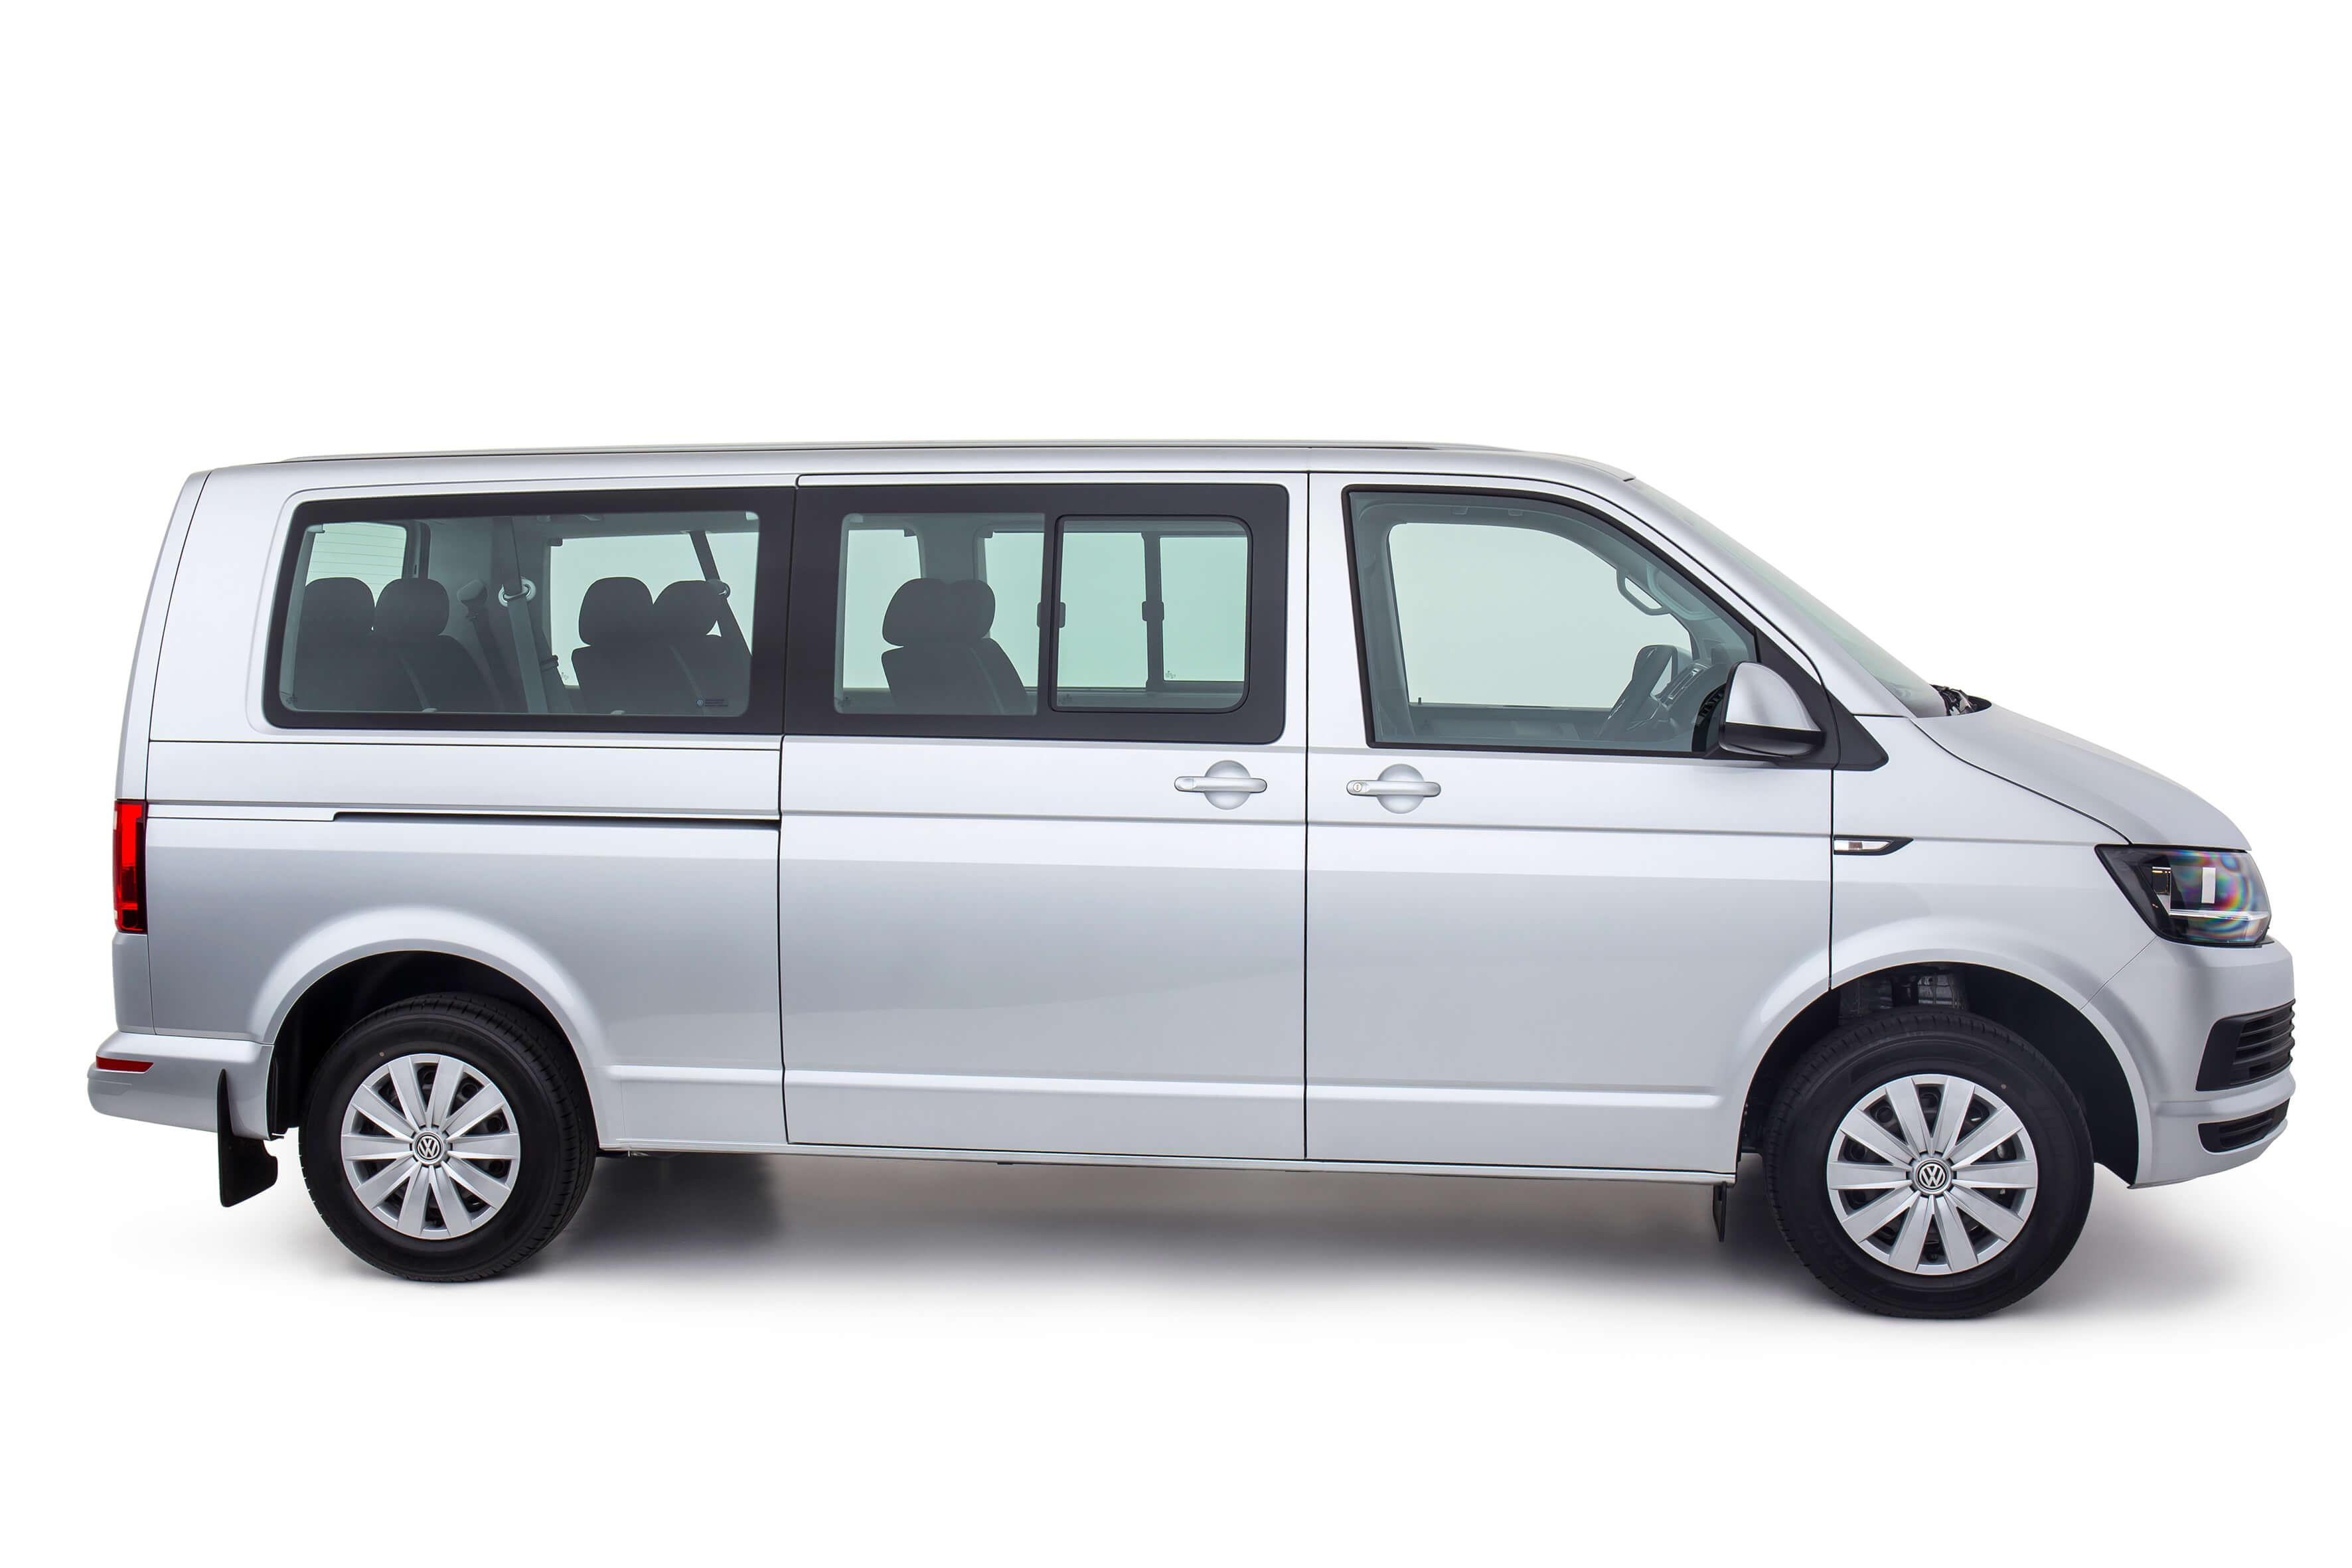 Ремонт Volkswagen Caravelle в СТО Кубавто СПб